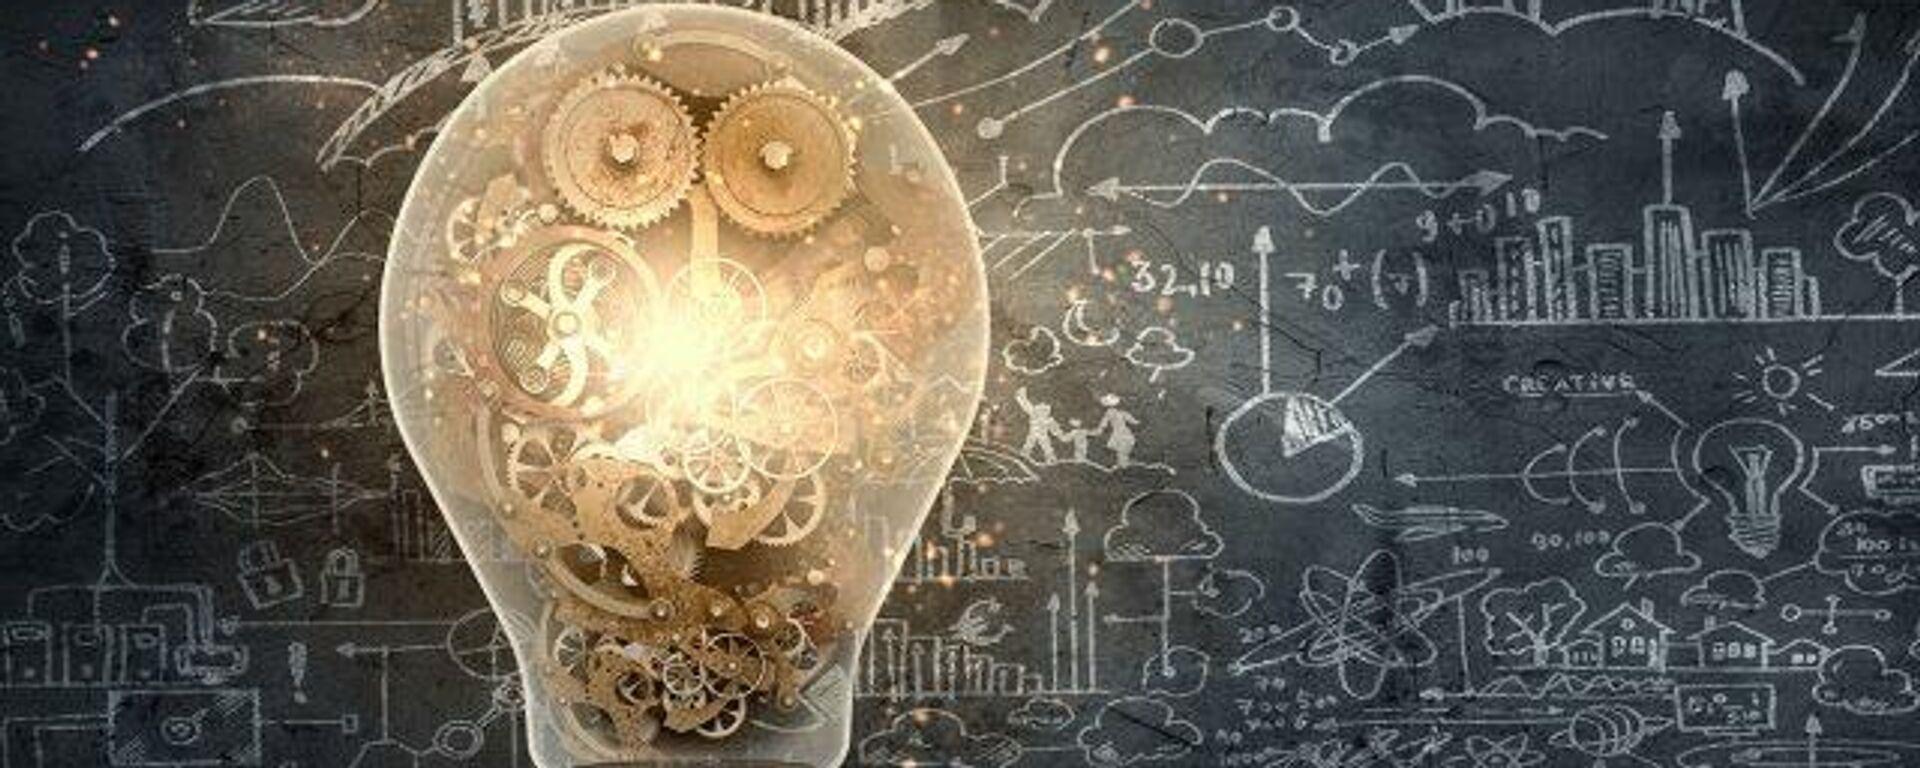 Embriones de mono y humano: ¿el futuro de los trasplantes de órganos? - Sputnik Mundo, 1920, 29.04.2021